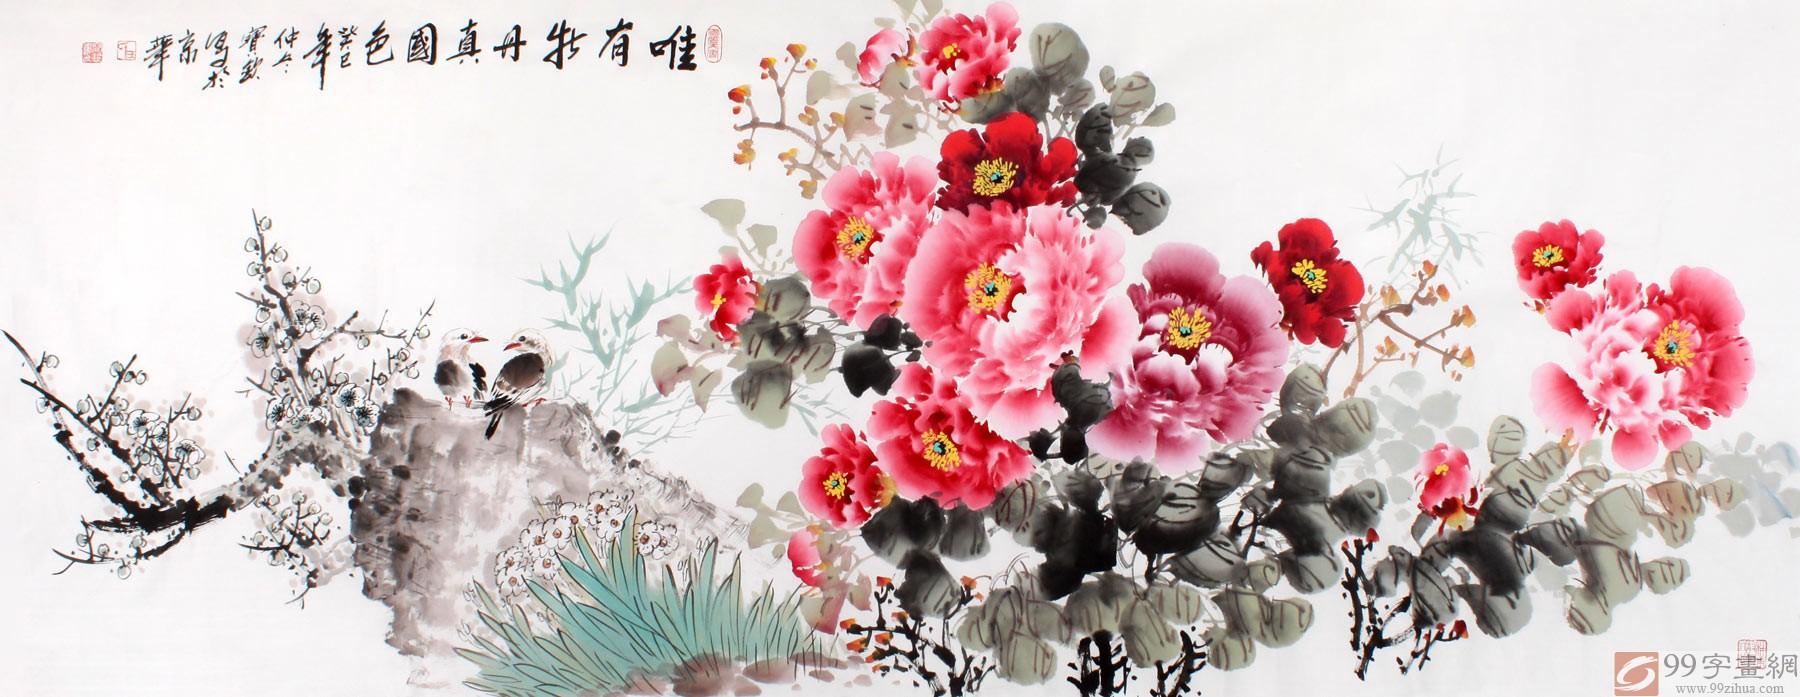 师王宝钦小六尺精品国画牡丹画 唯有牡丹真国色 牡丹画